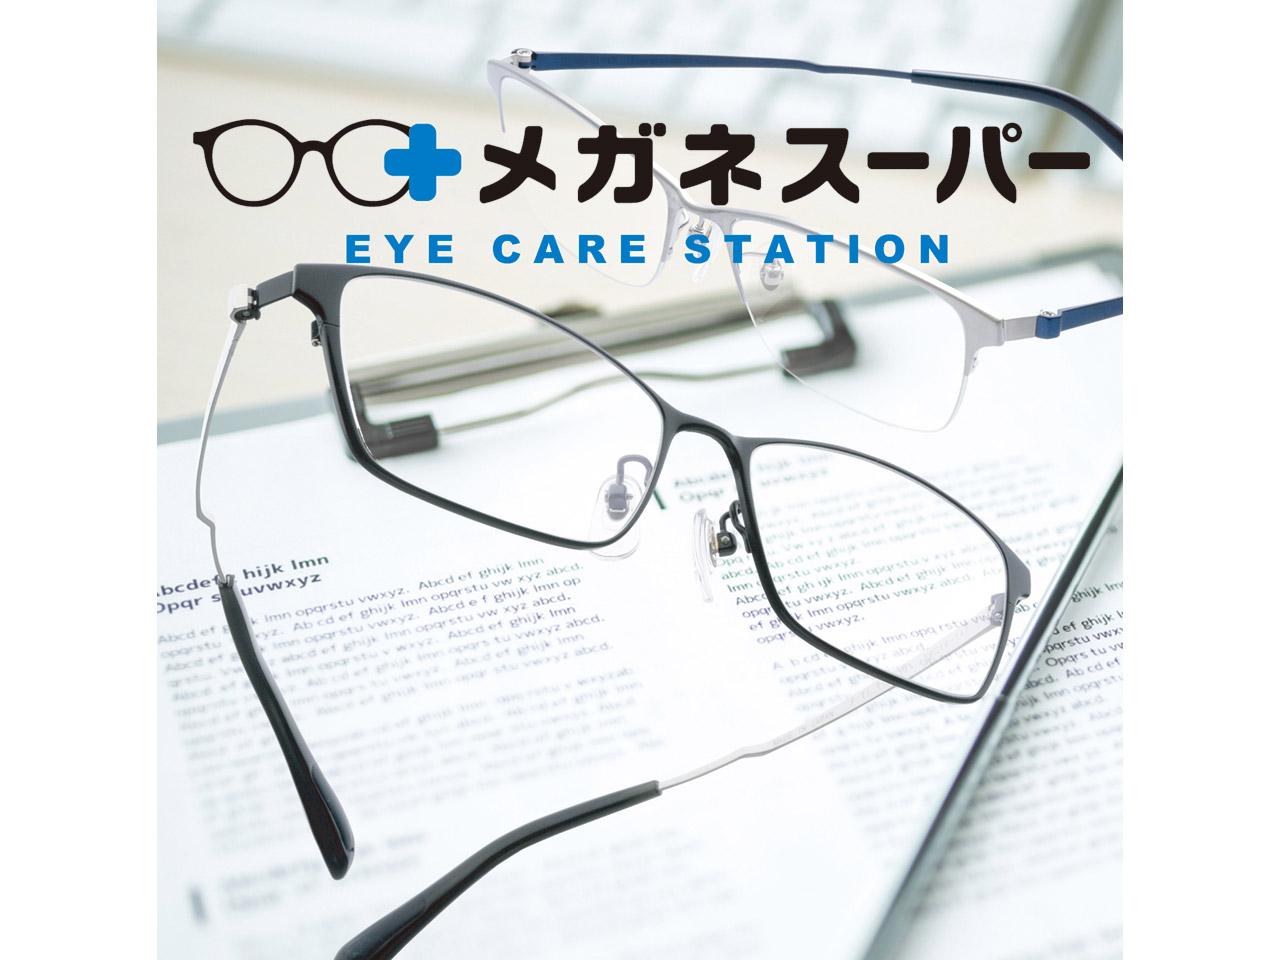 メガネスーパー - 金沢文庫店